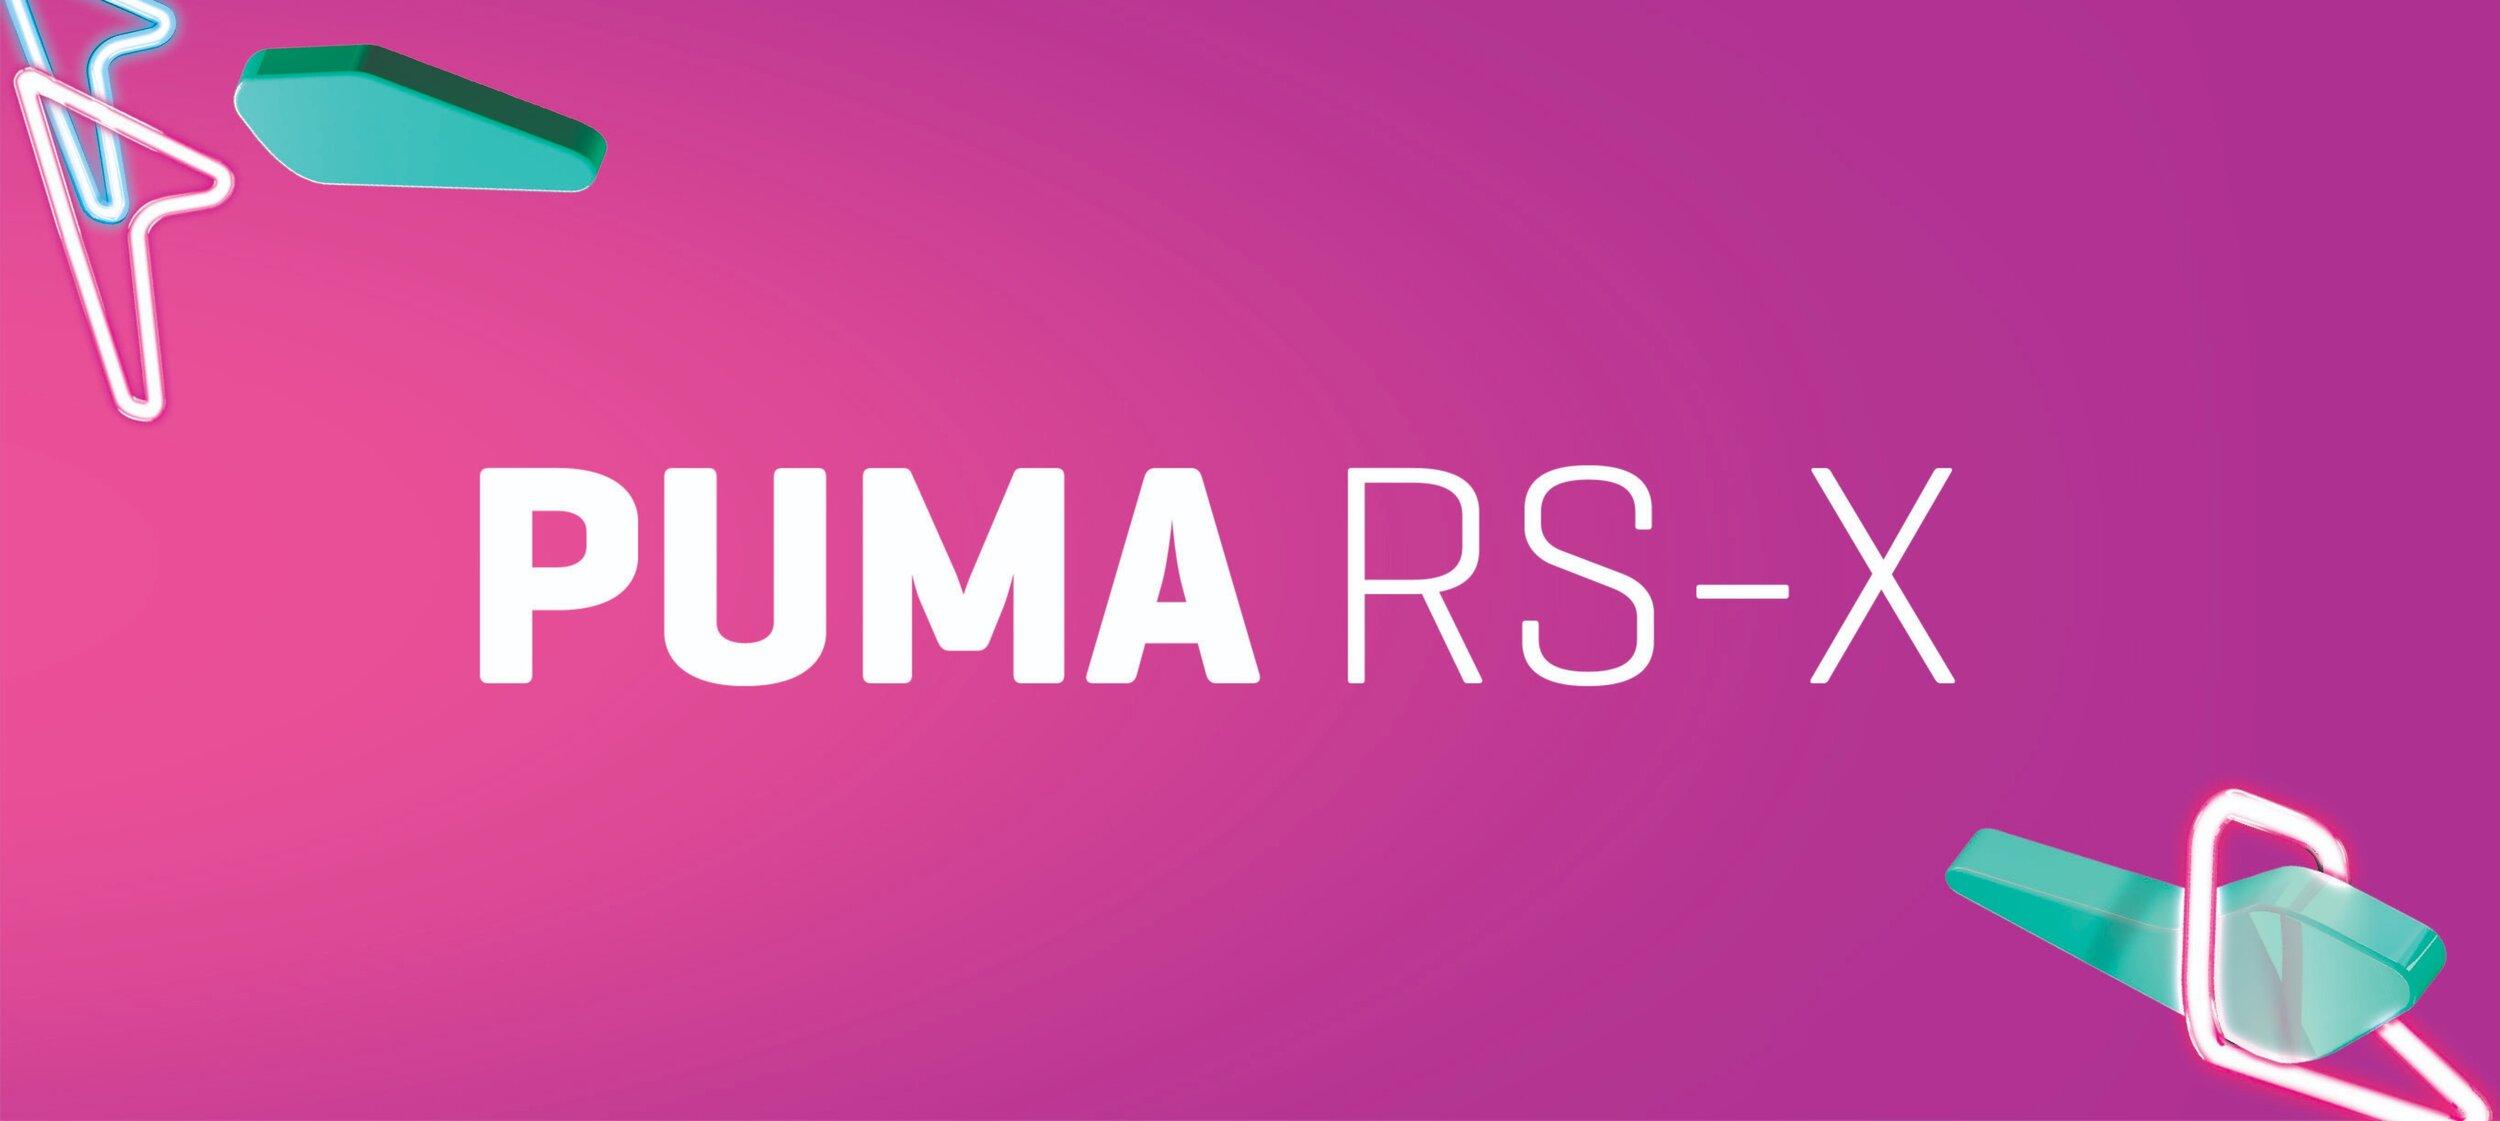 Puma+2+Drum+Kit-01.jpg